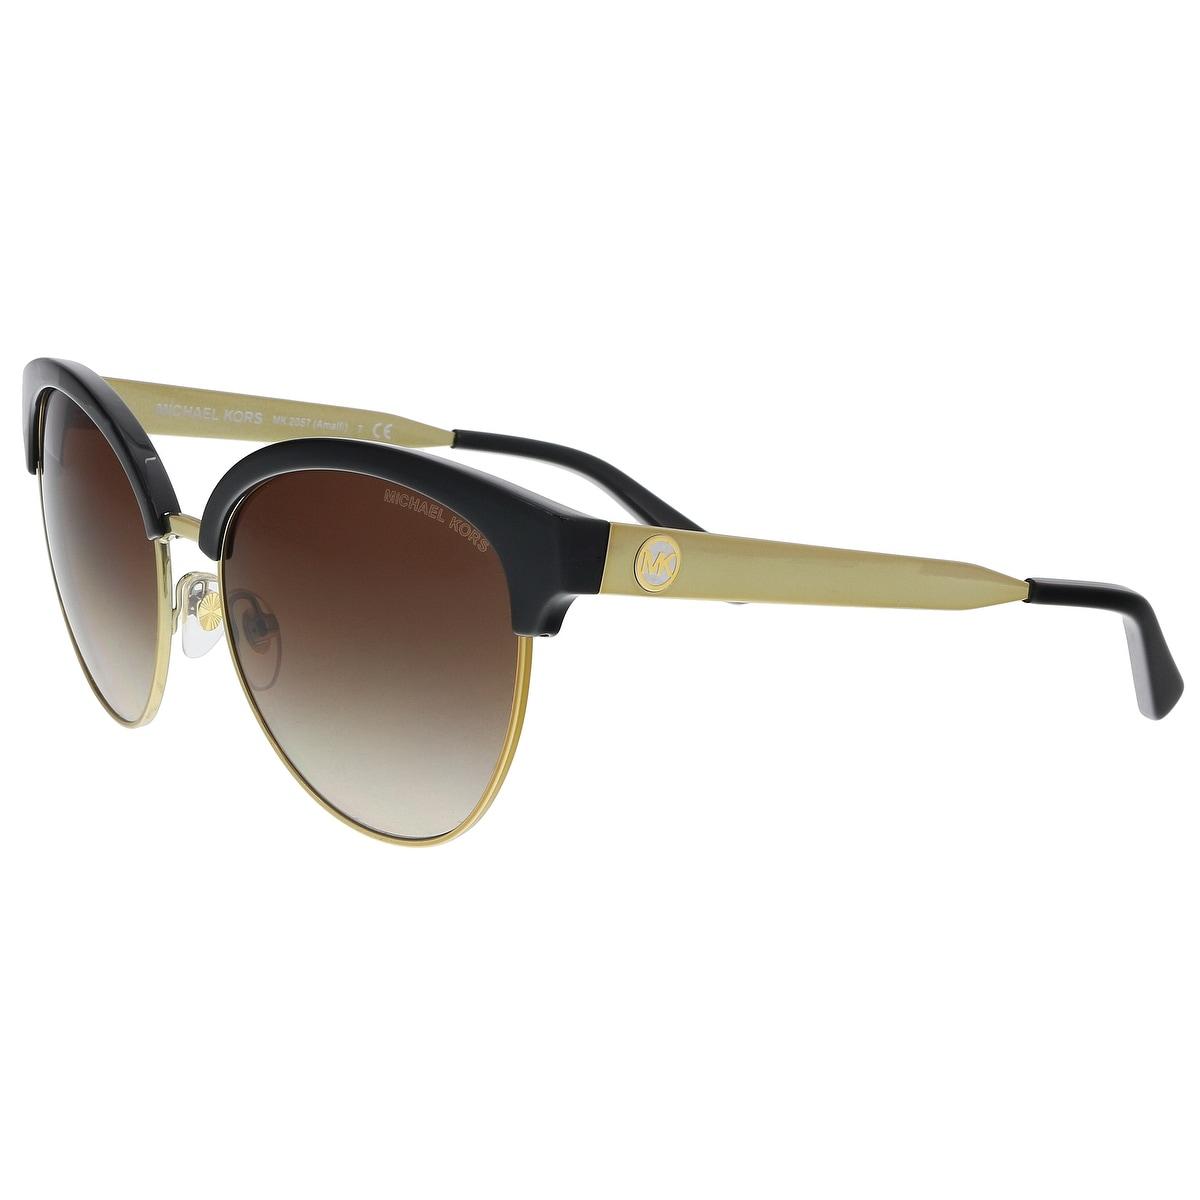 d3177ad587 Shop Michael Kors MK2057 330513 Gold Cat eye Sunglasses - 56-17-140 ...